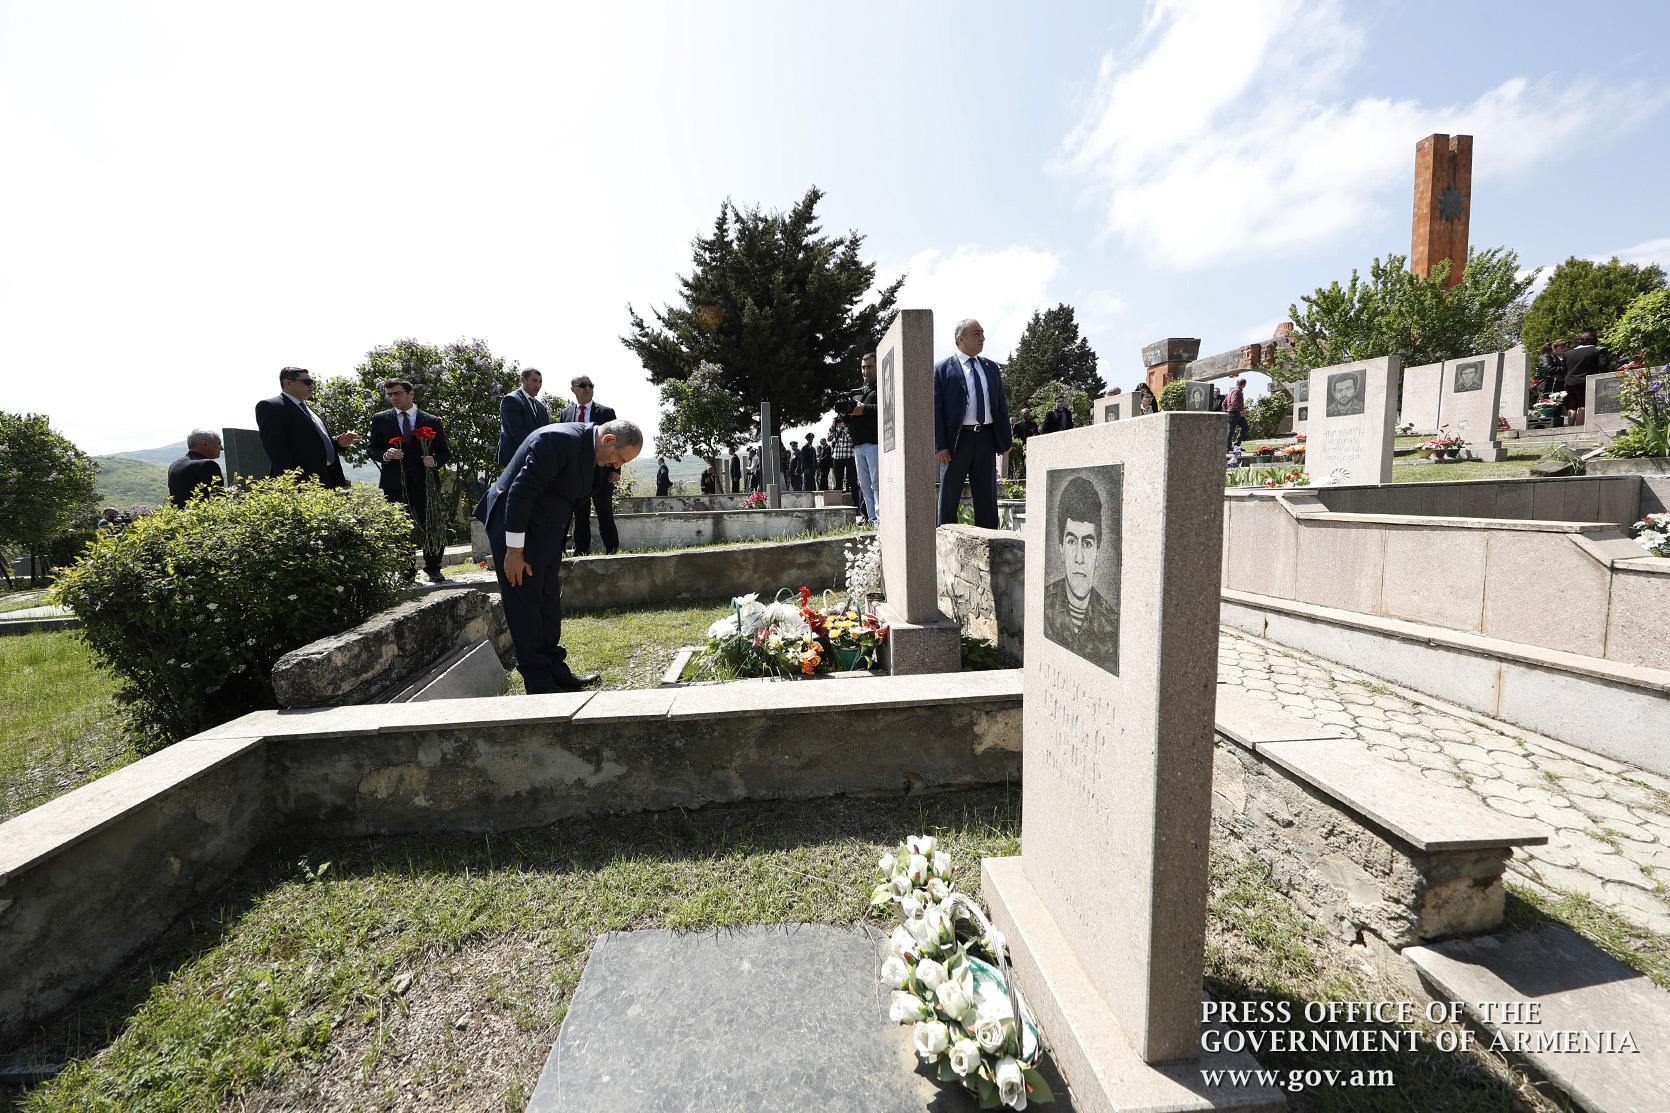 Ադրբեջանցիները ամբողջովին քանդել և հողին են հավասարեցրել Հադրութի շրջանի Թաղլար գյուղի գերեզմանոցը. «Ժամանակ»